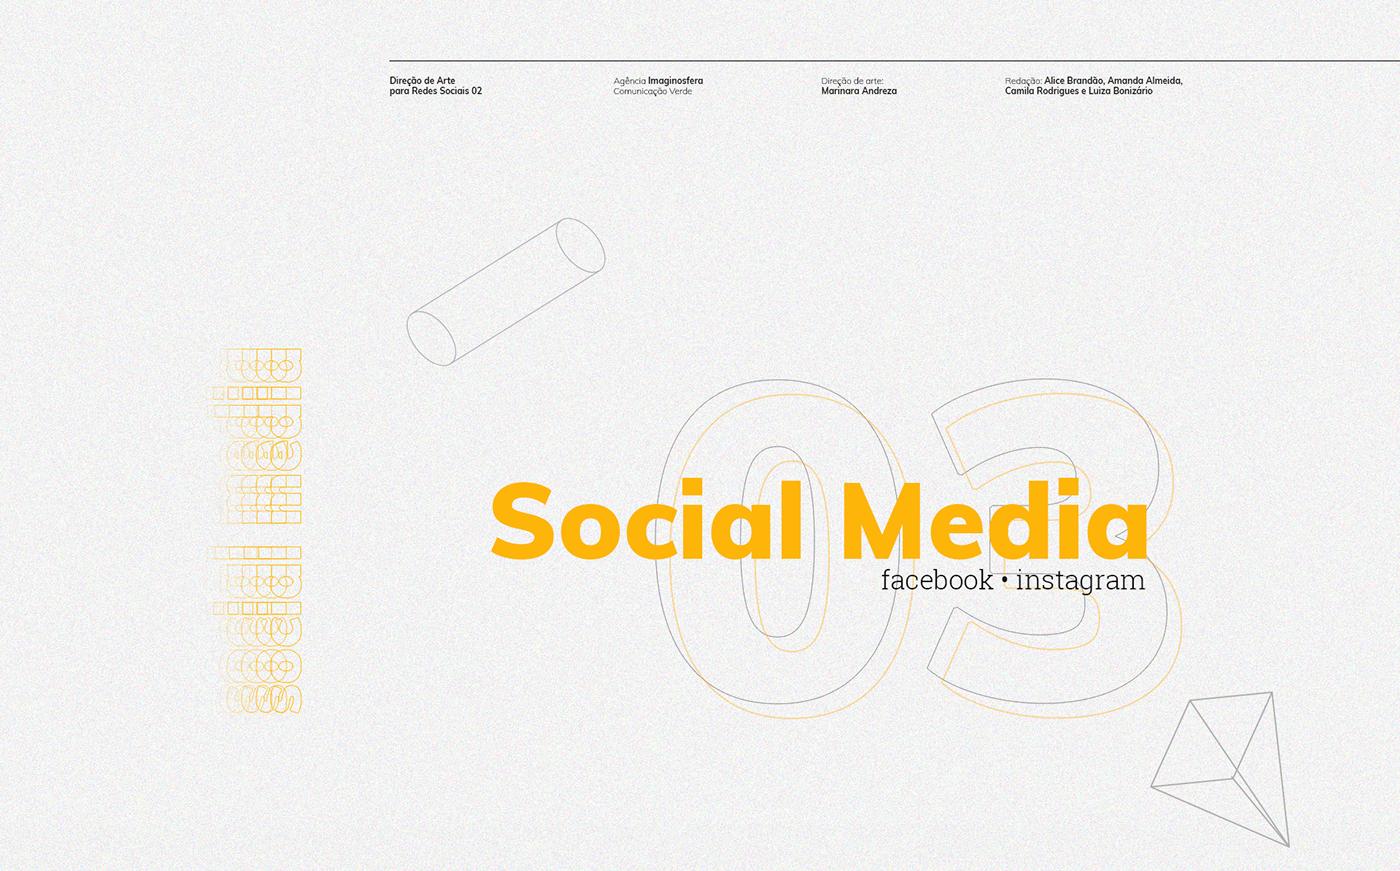 Socialmedia post facebook ads instagram Redes Sociais